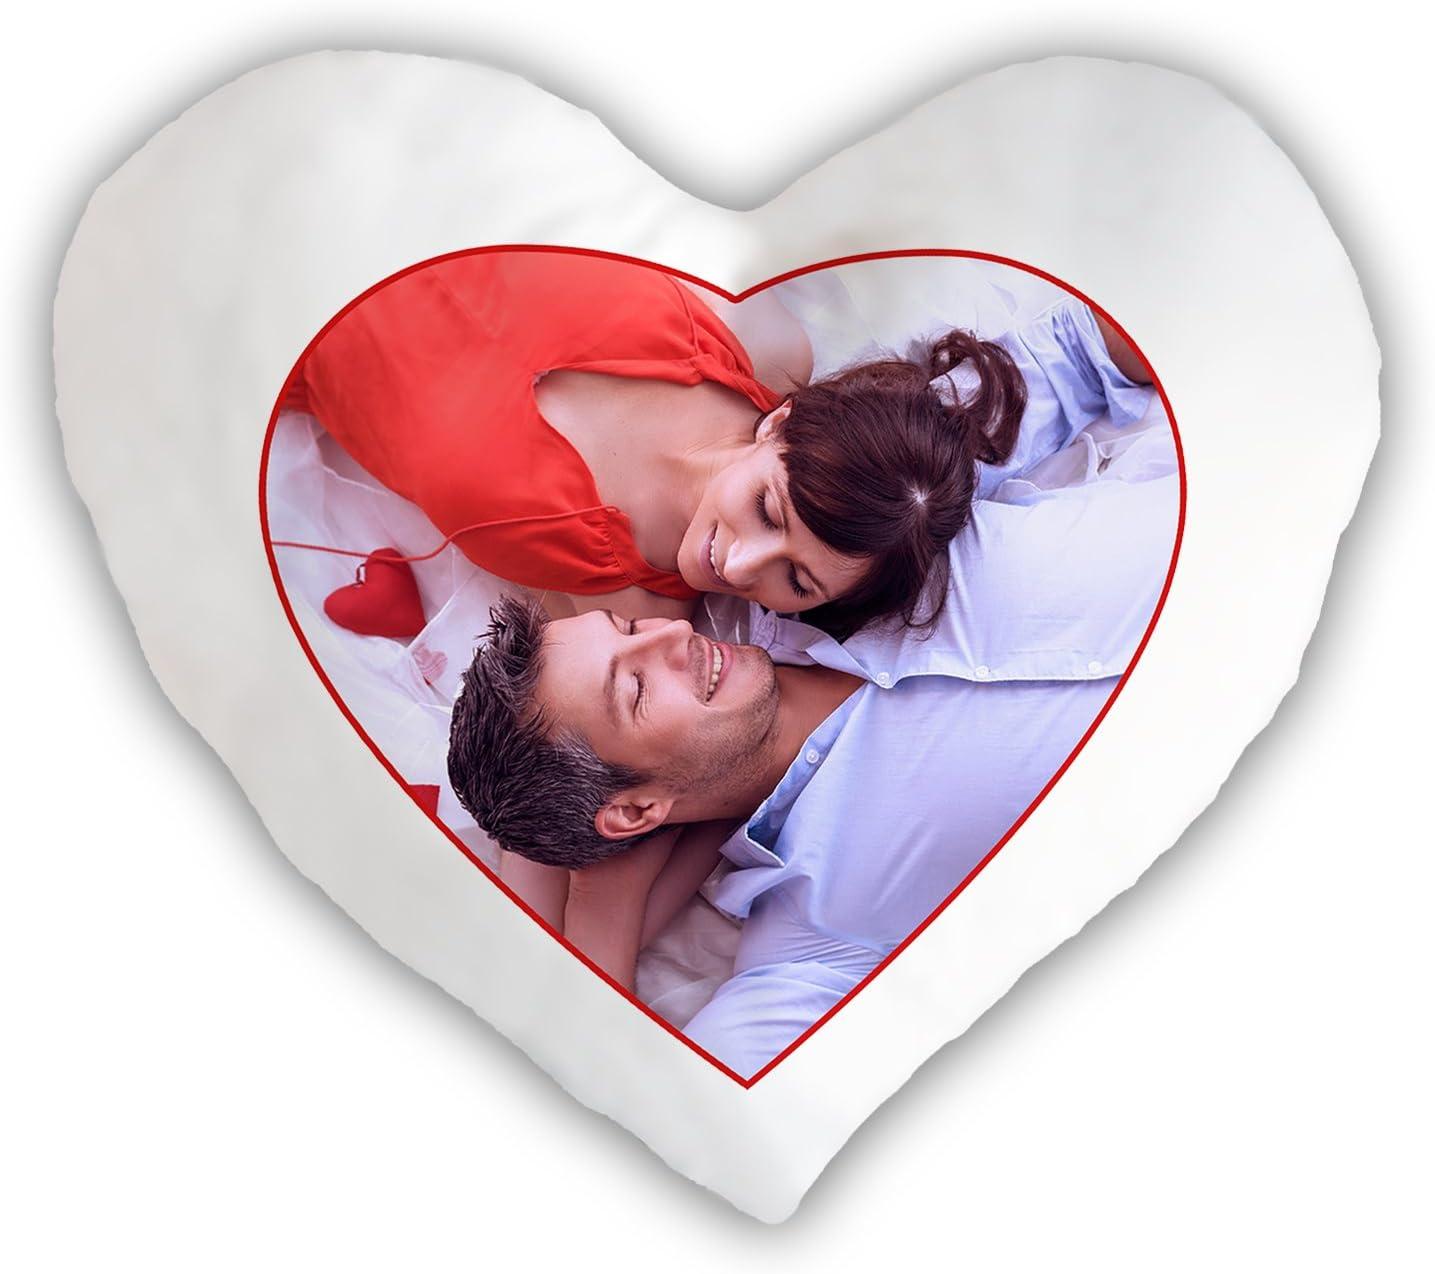 bedrucken mit eigenem Bild Geschenk Füllung Fotokissen Herzform incl